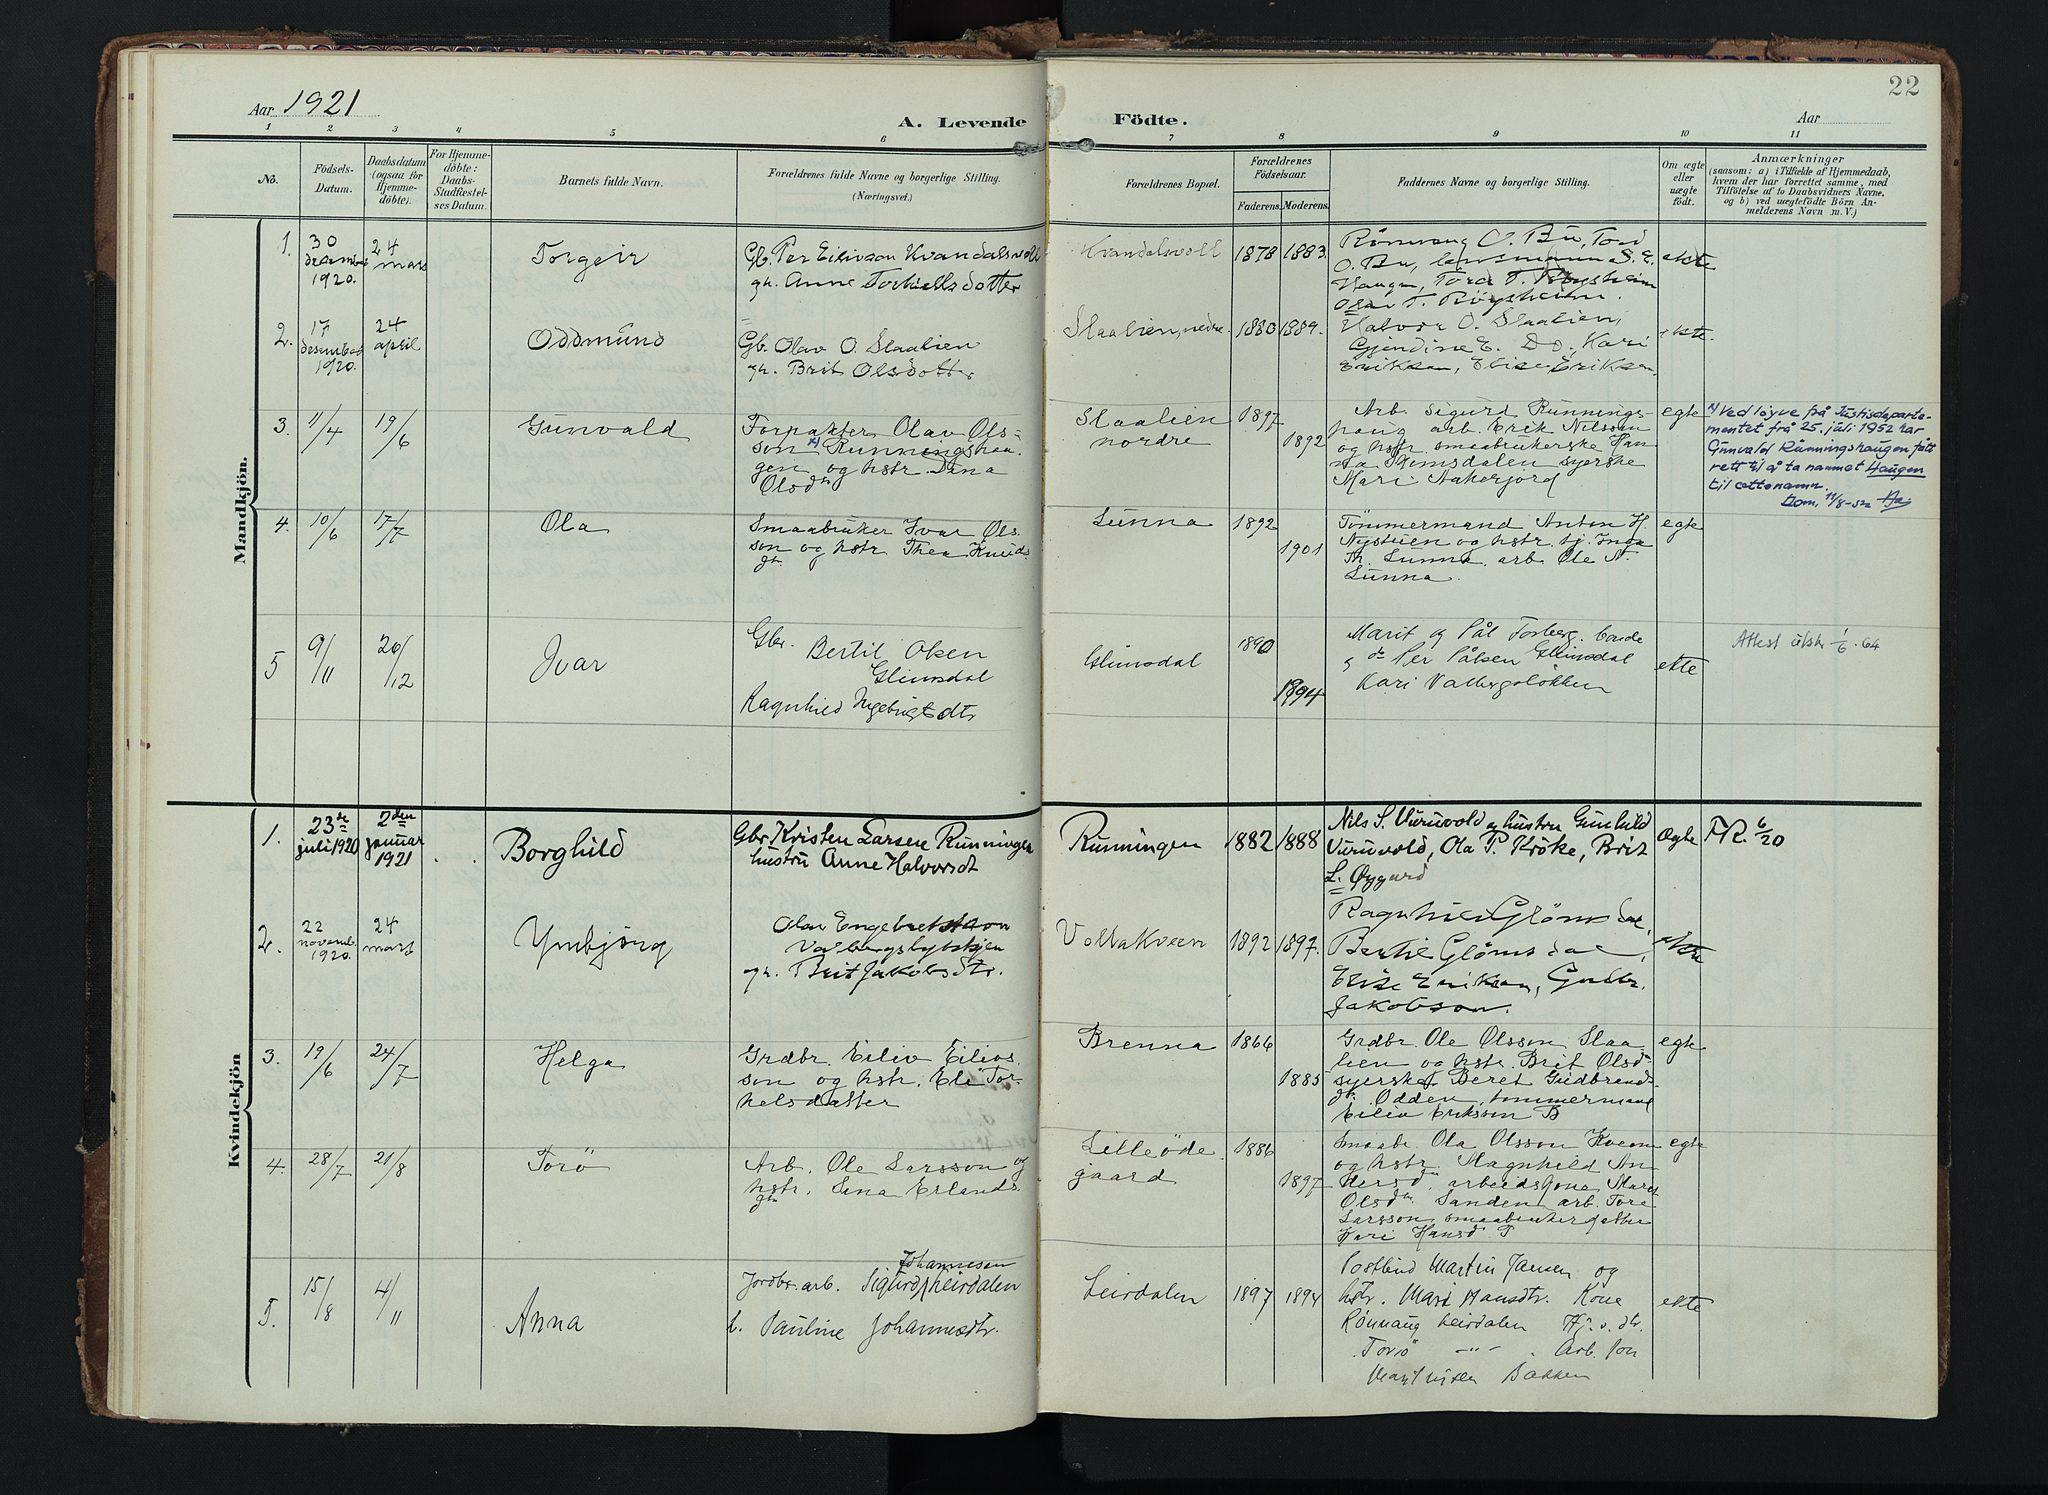 SAH, Lom prestekontor, K/L0012: Ministerialbok nr. 12, 1904-1928, s. 22